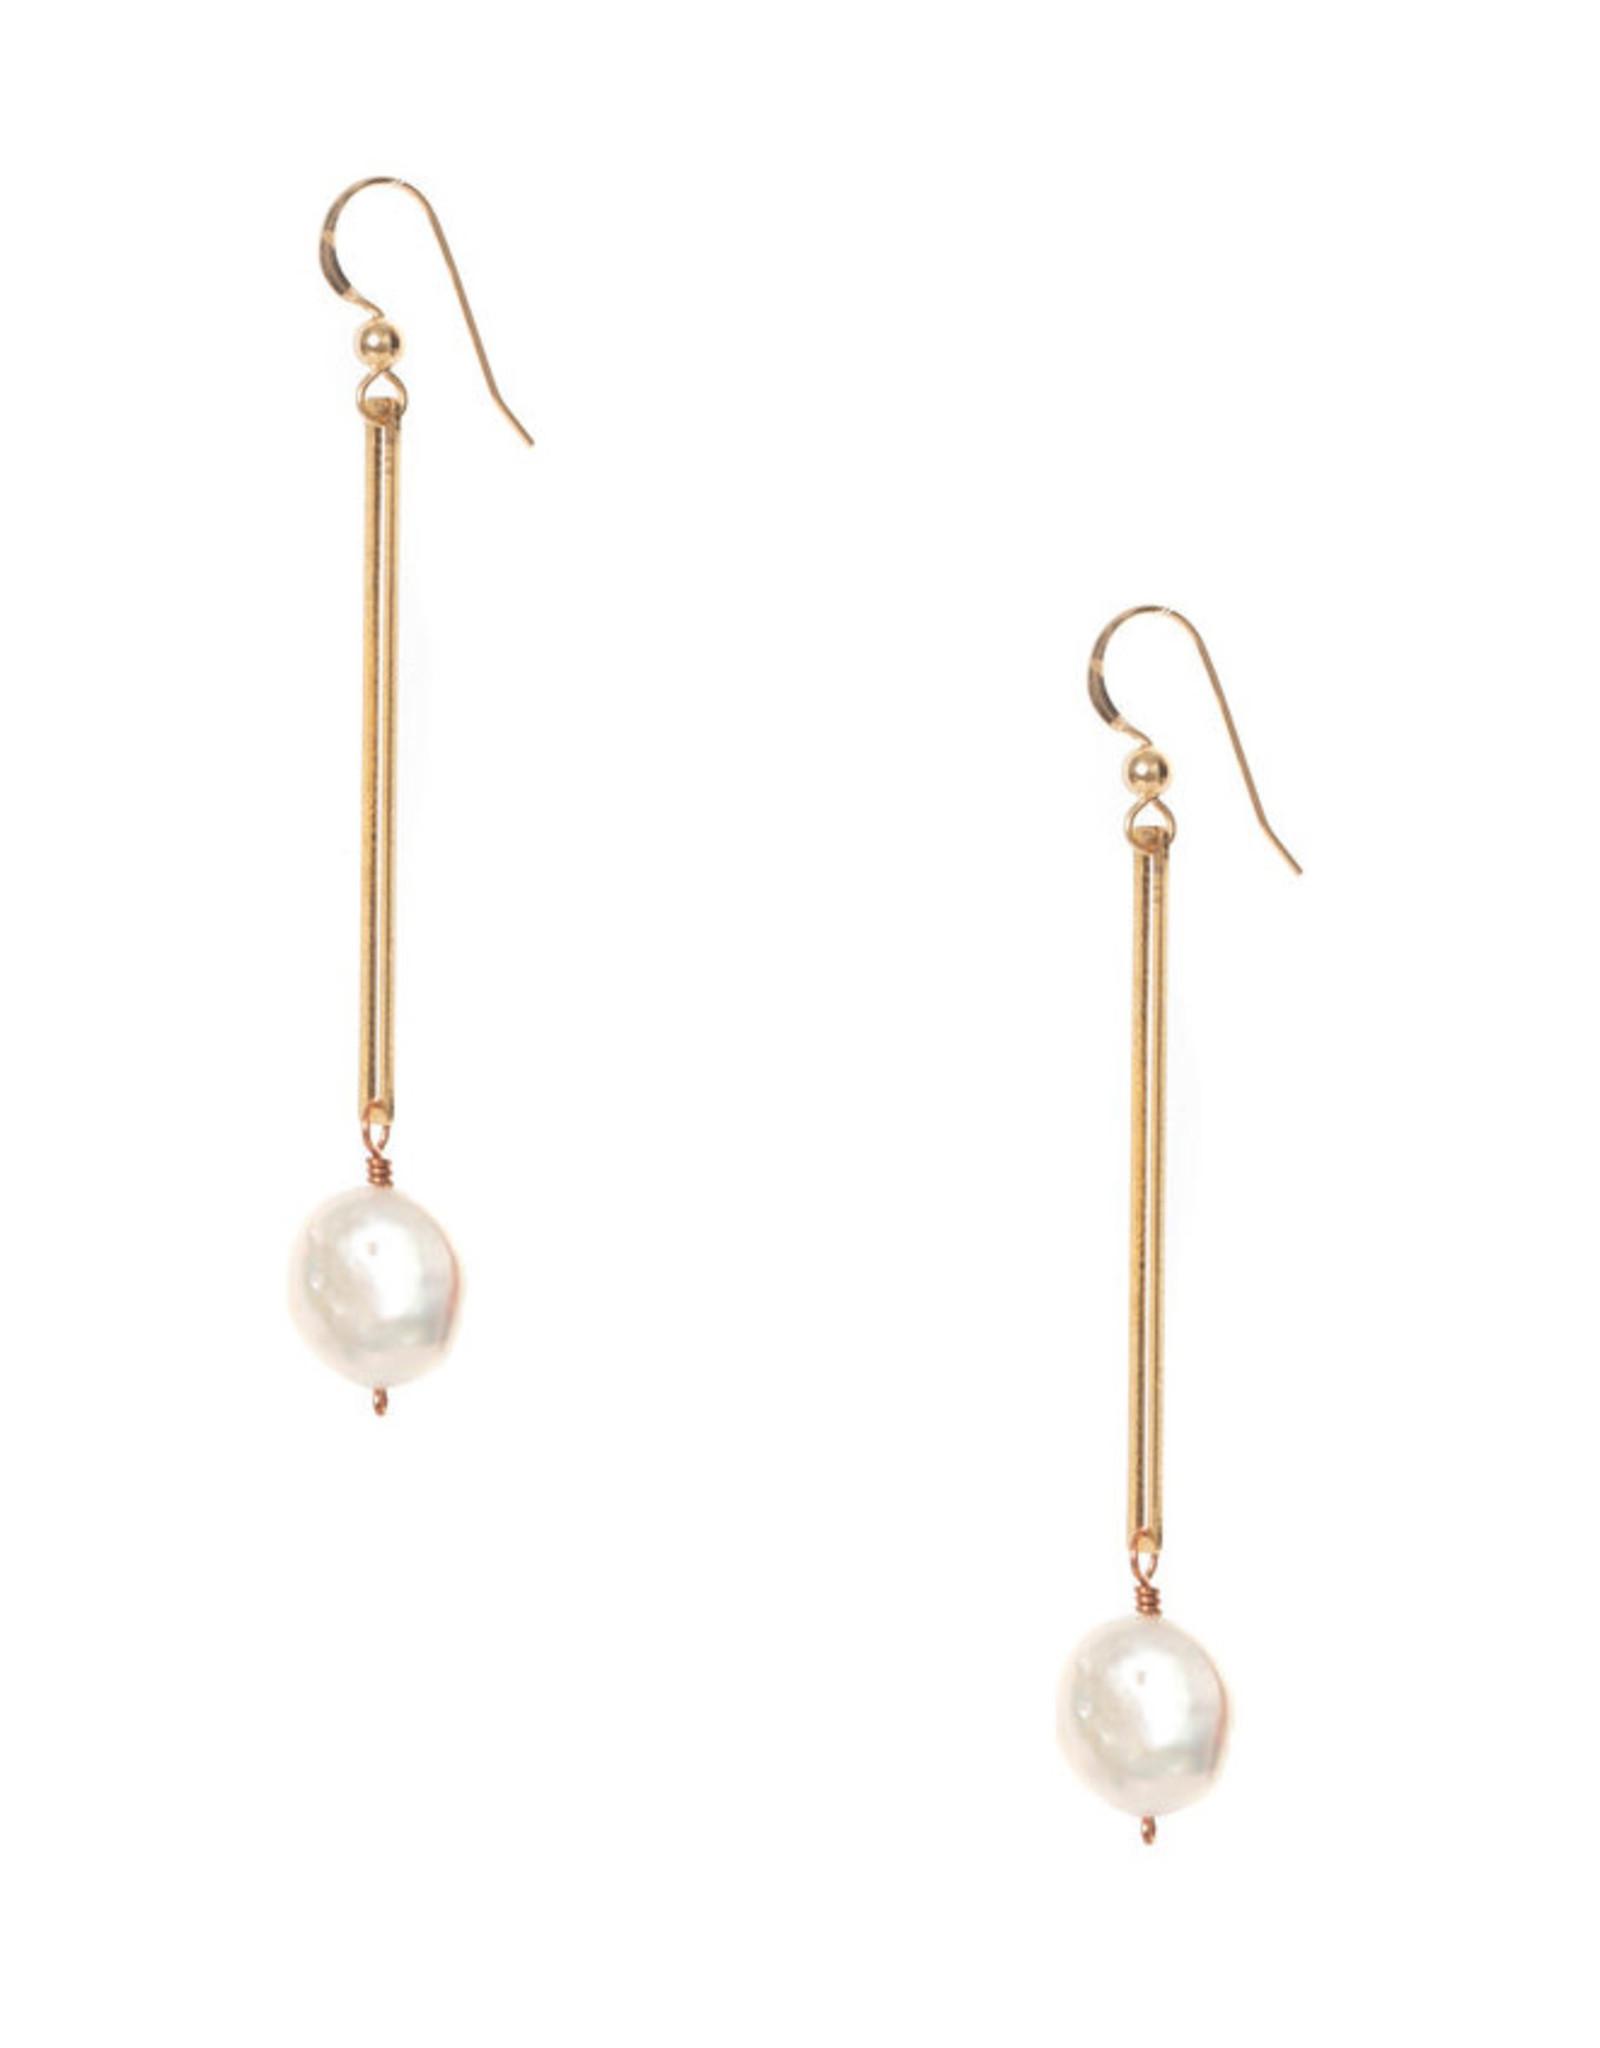 Hailey Gerrits Designs Isla Earrings - Pearl